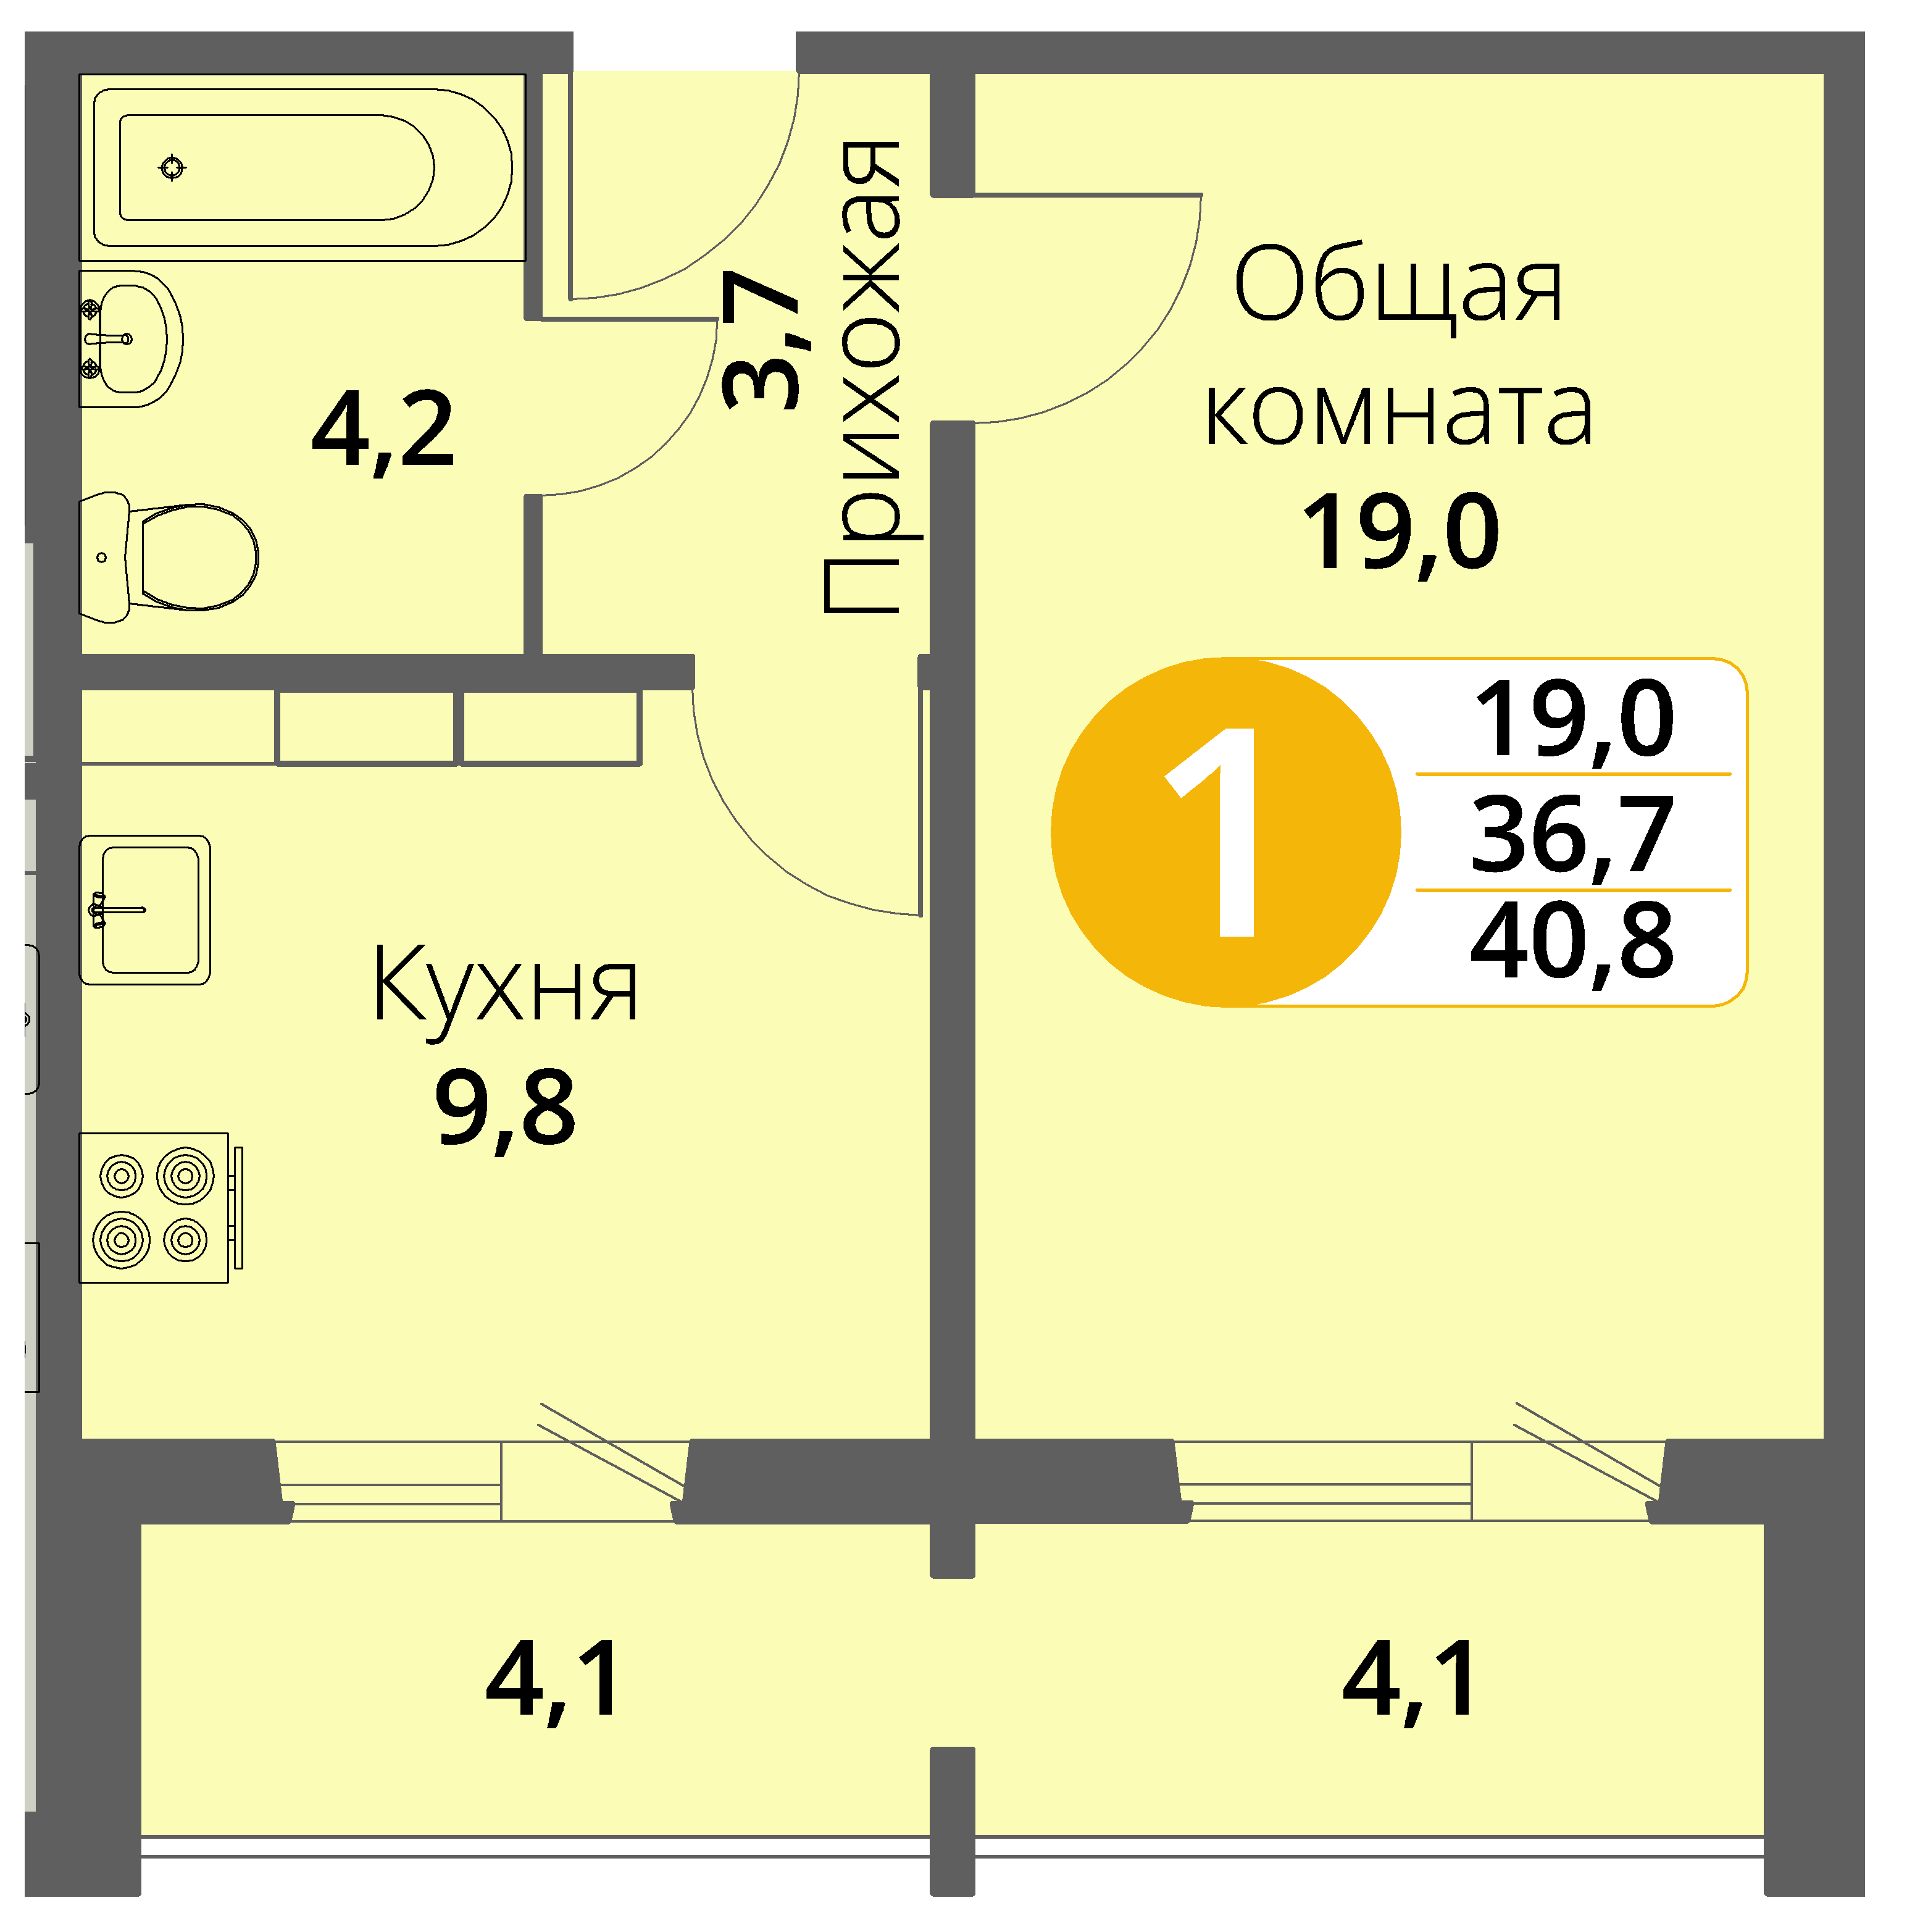 Зареченская 1-1, квартира 108 - Однокомнатная